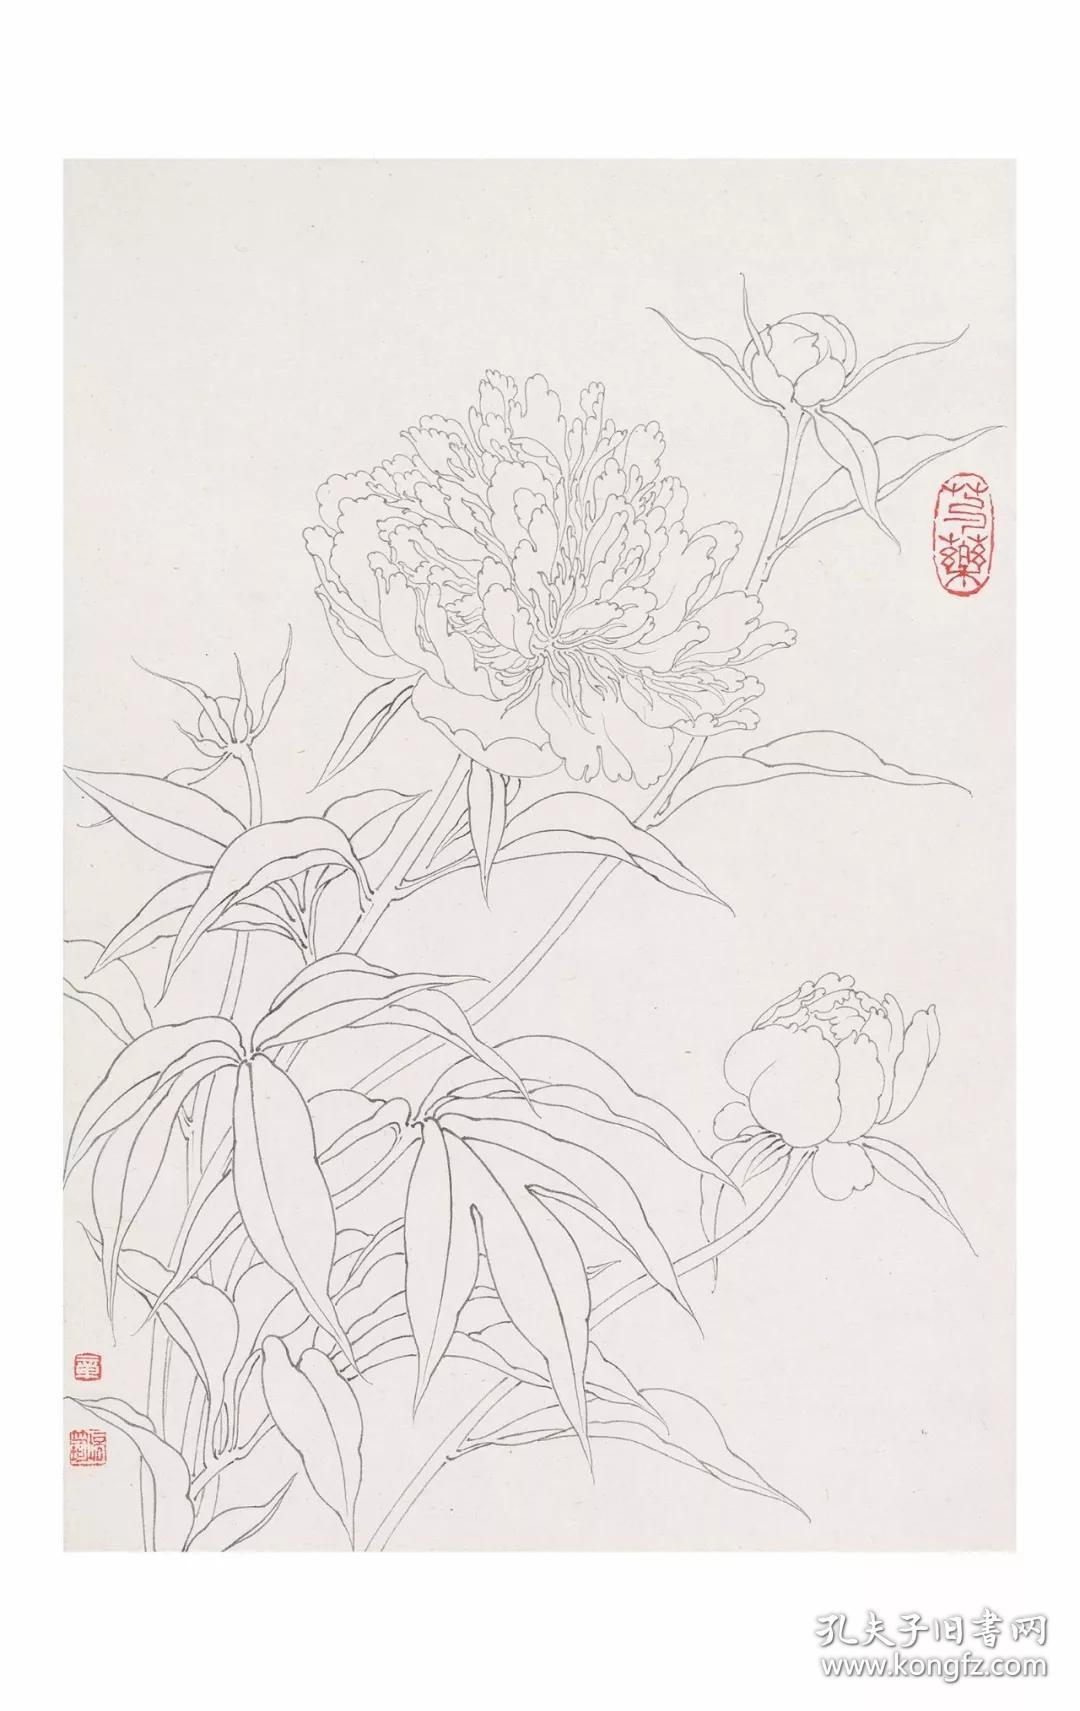 中国美术学院中国画系藏品集 章培筠白描花鸟作品集图片